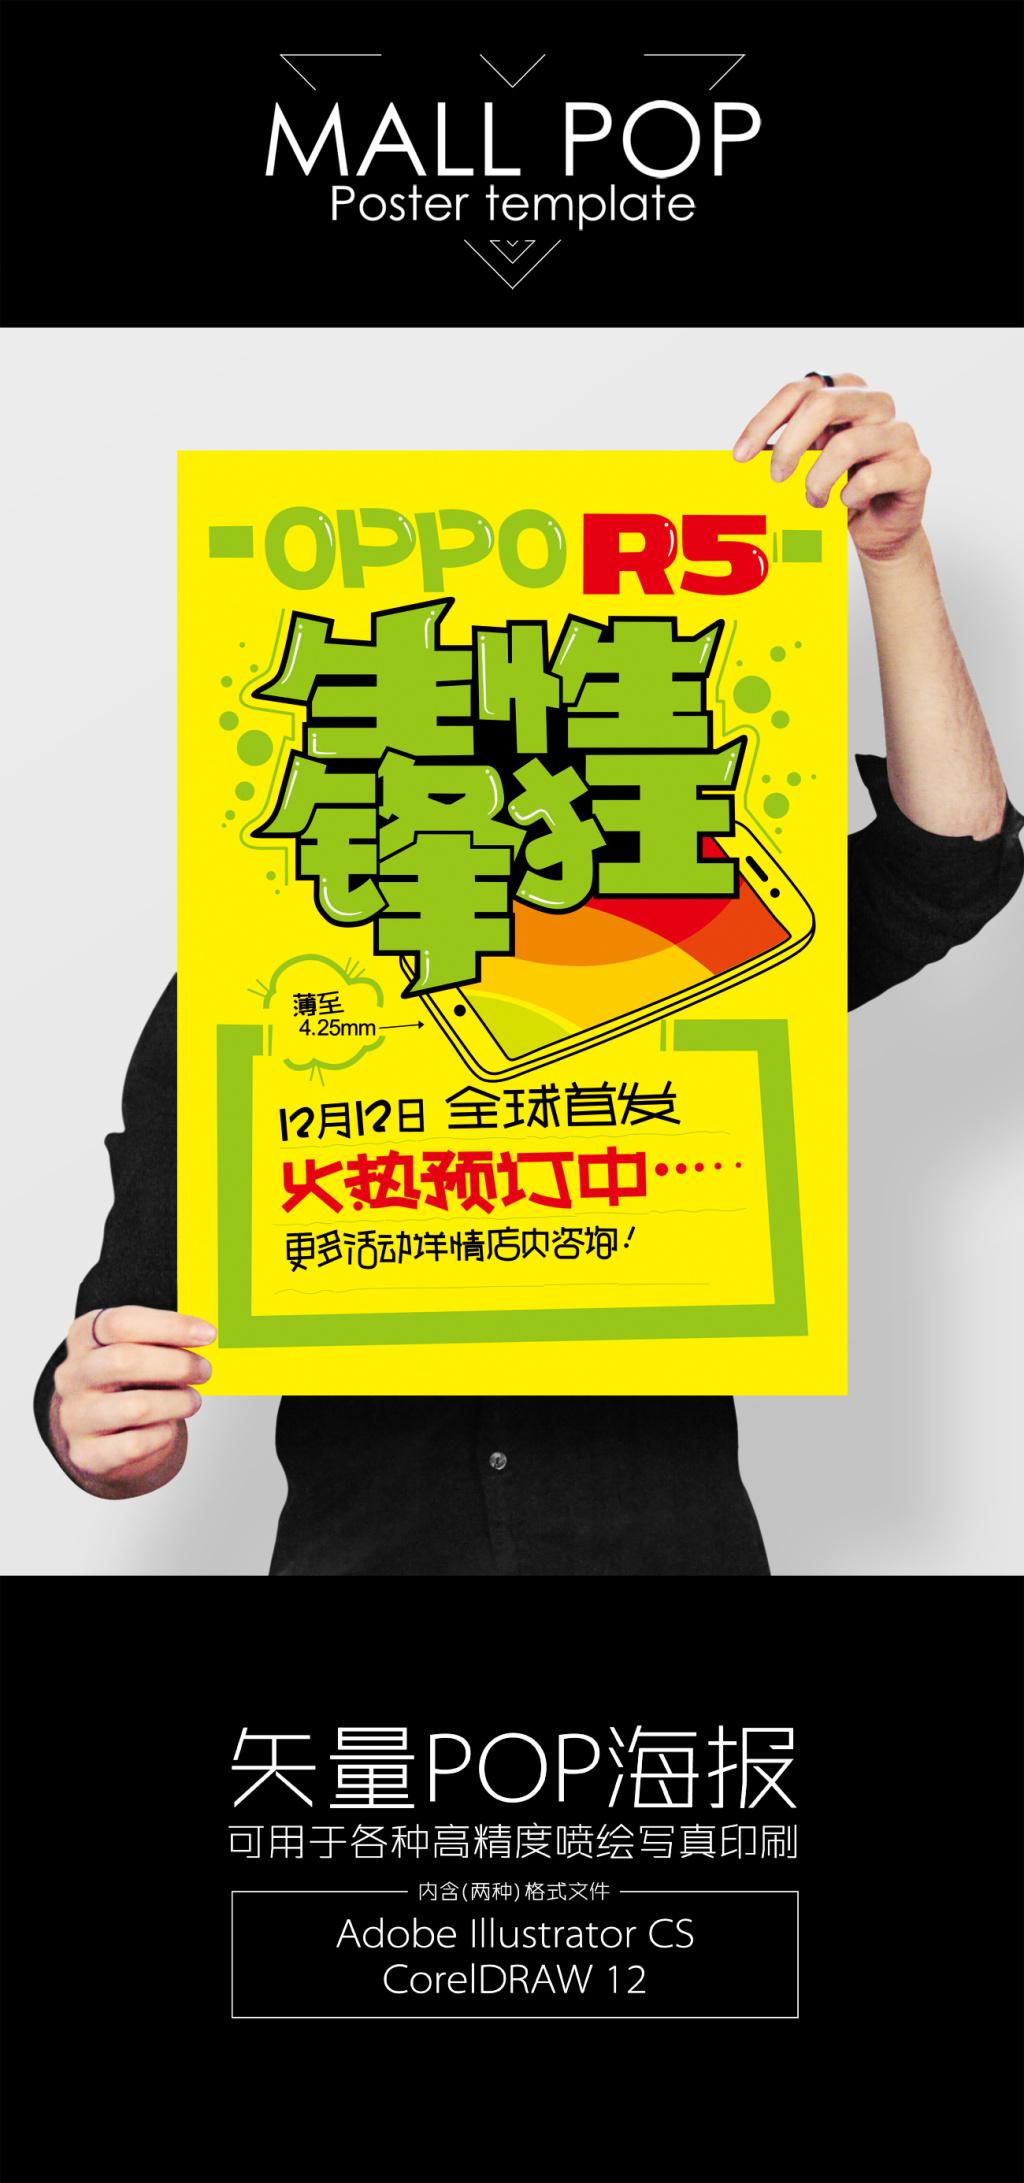 手机店pop手绘海报图片设计素材 高清CDR模板下载 0.40MB YIZUCC